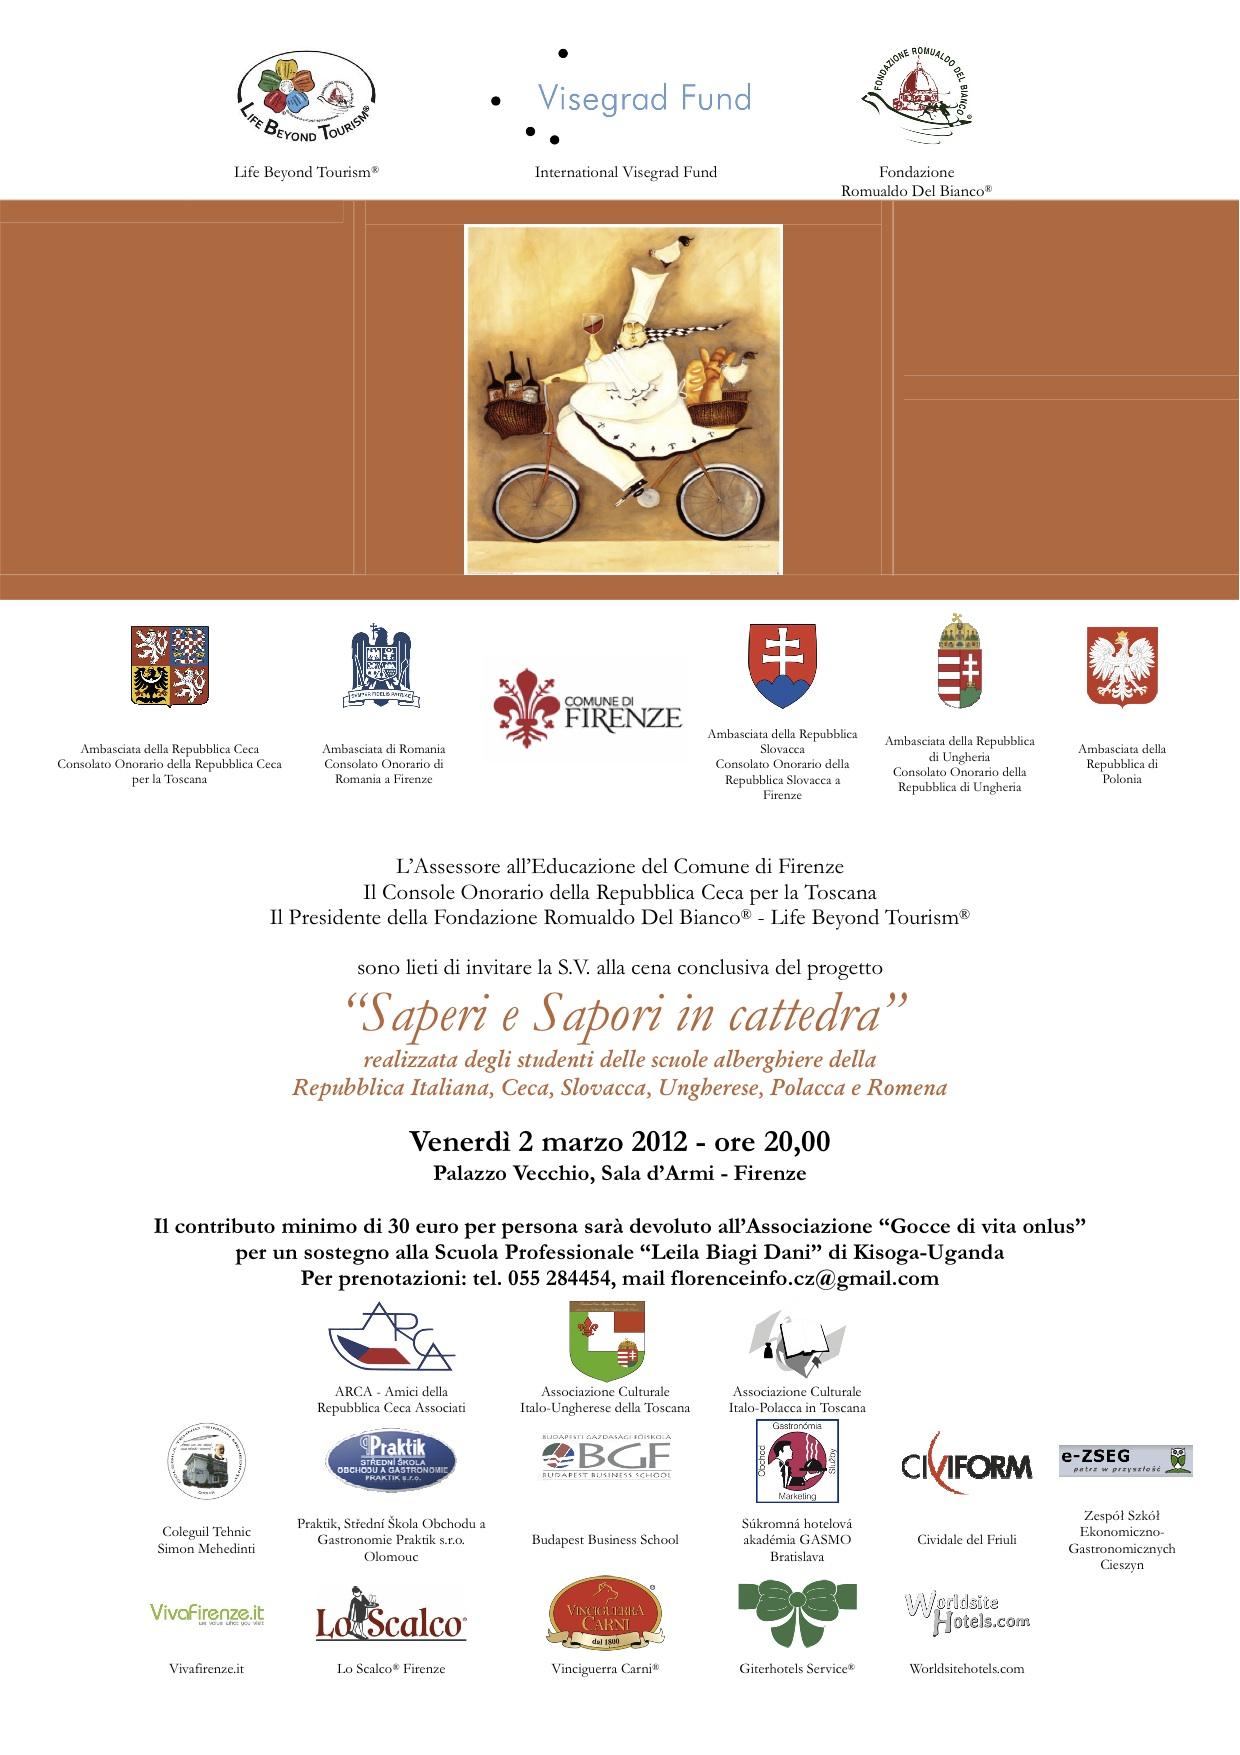 Saperi e Sapori in Cattedra 2012